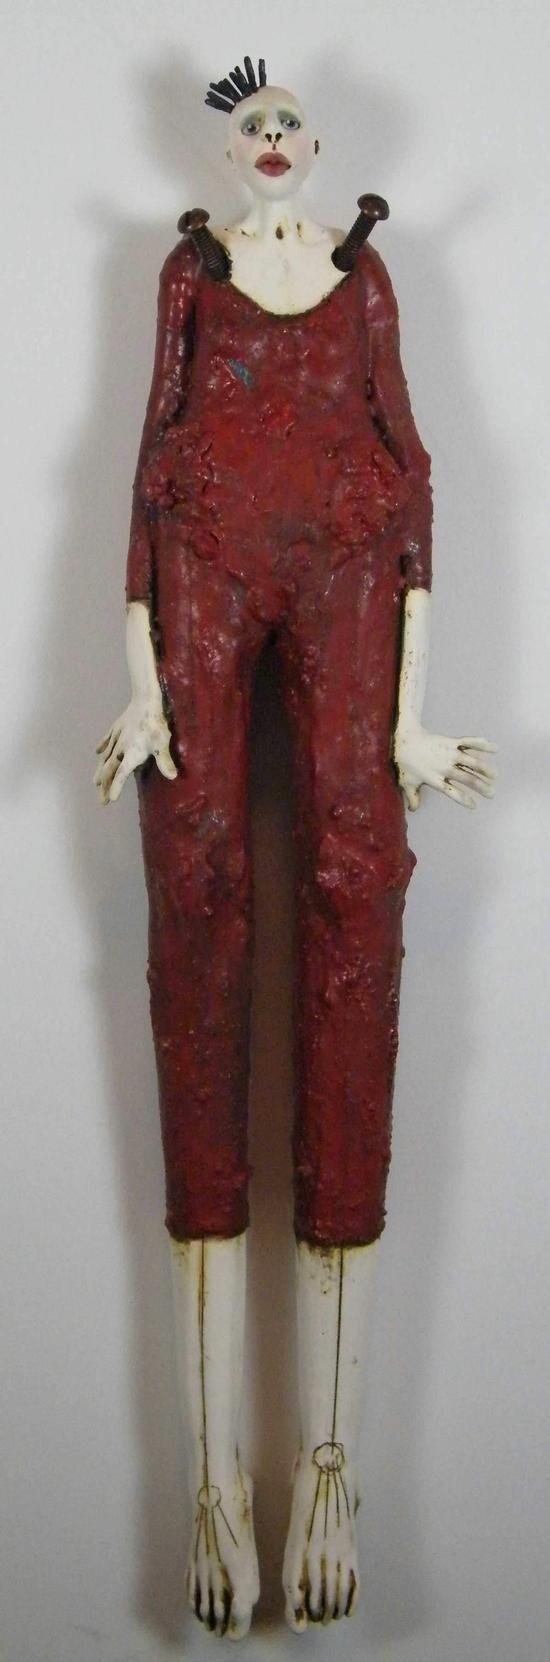 Nancy Kubale – Examine – sculpture